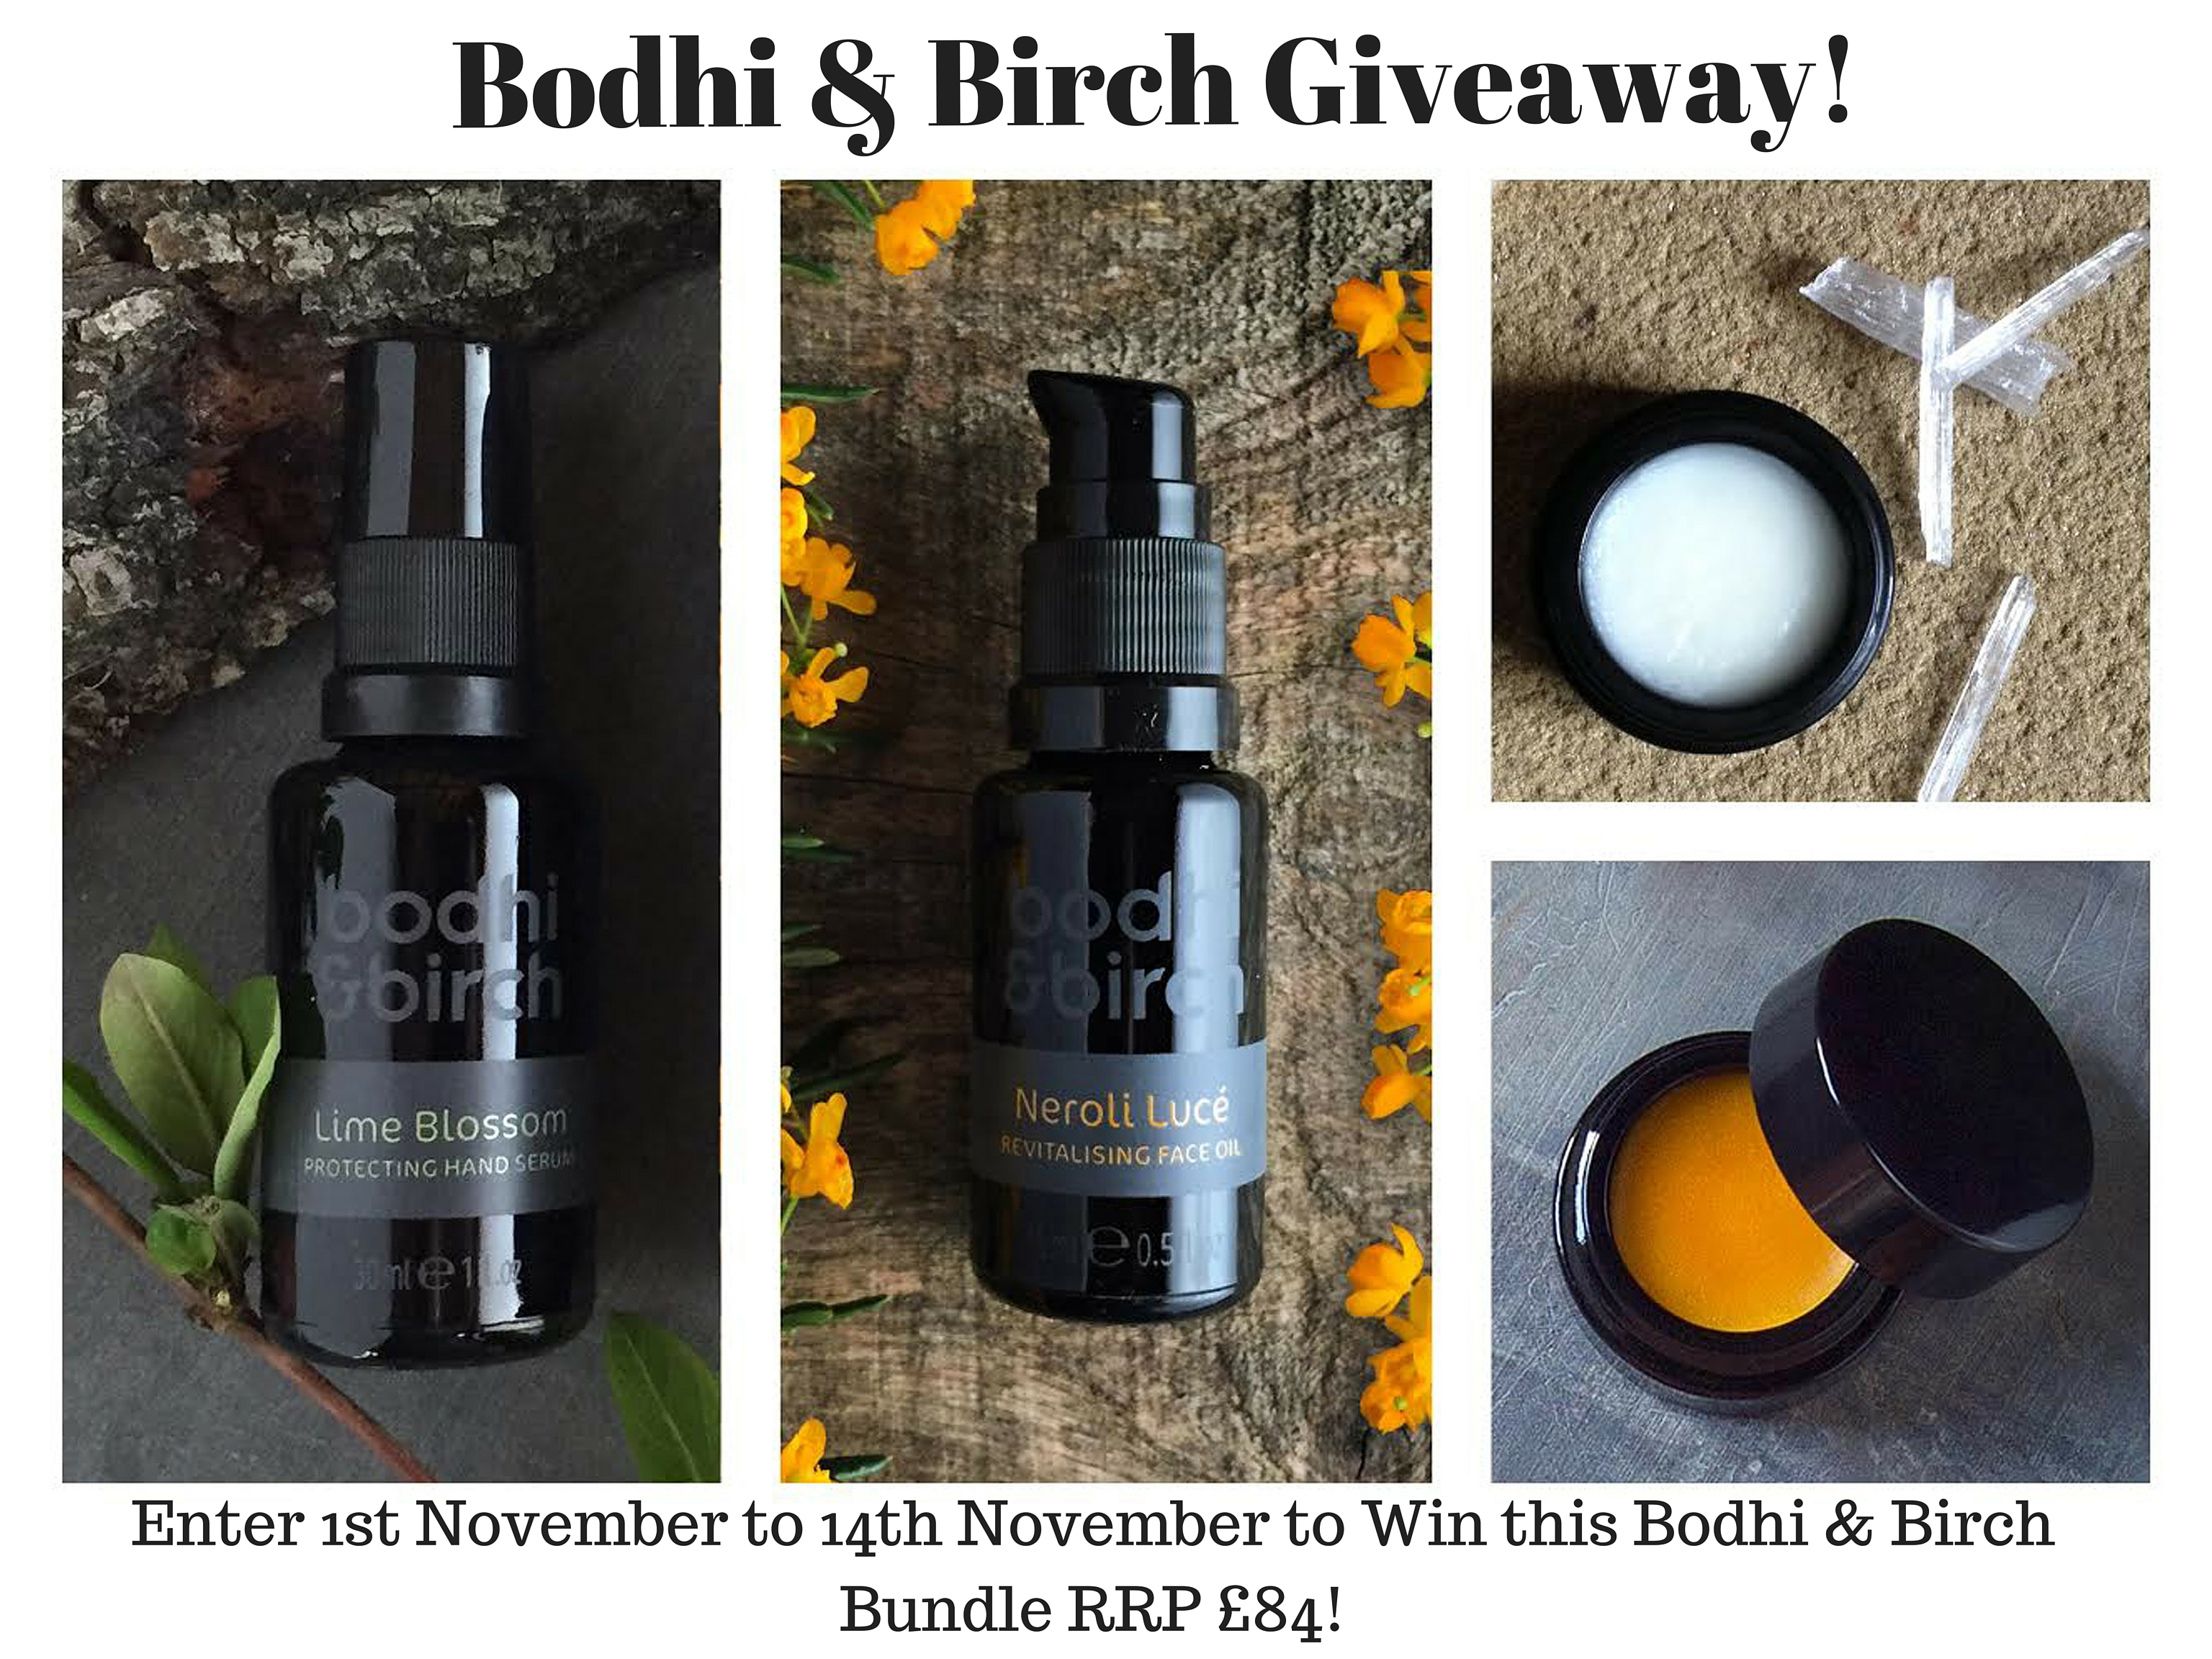 Bodhi-&-Birch-Giveaway-1